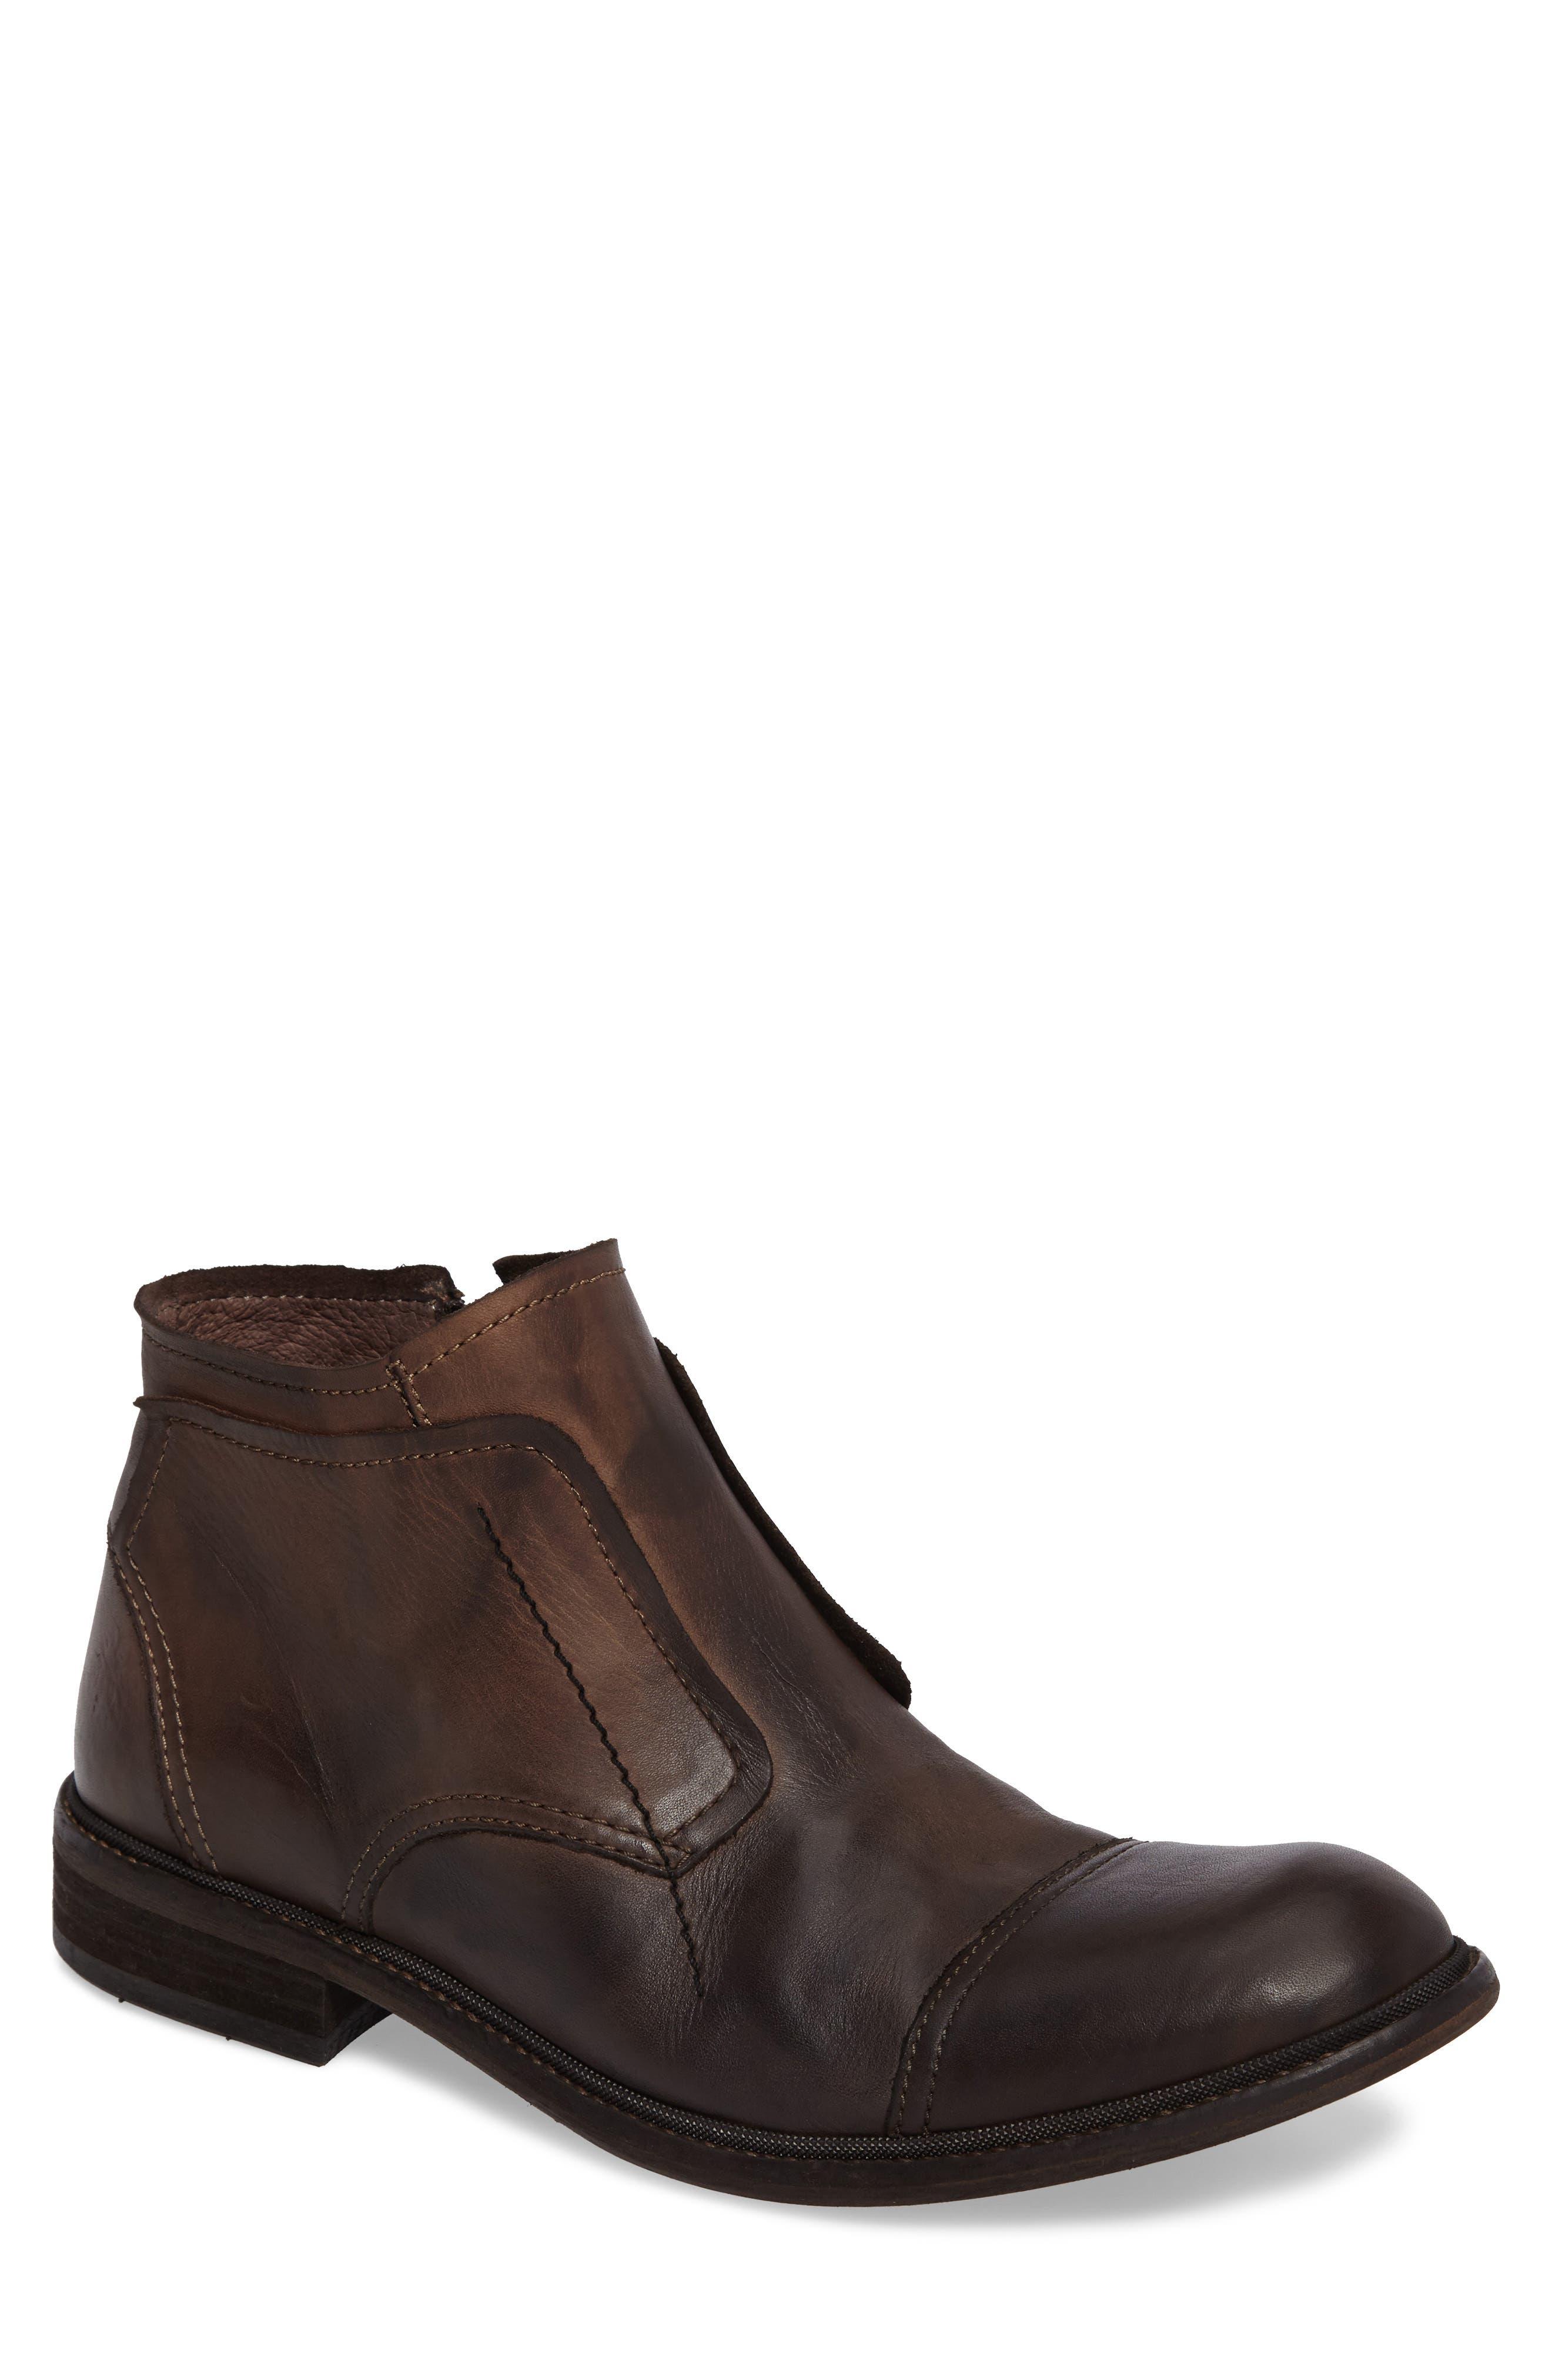 Hale Low Cap Toe Boot,                         Main,                         color, 200